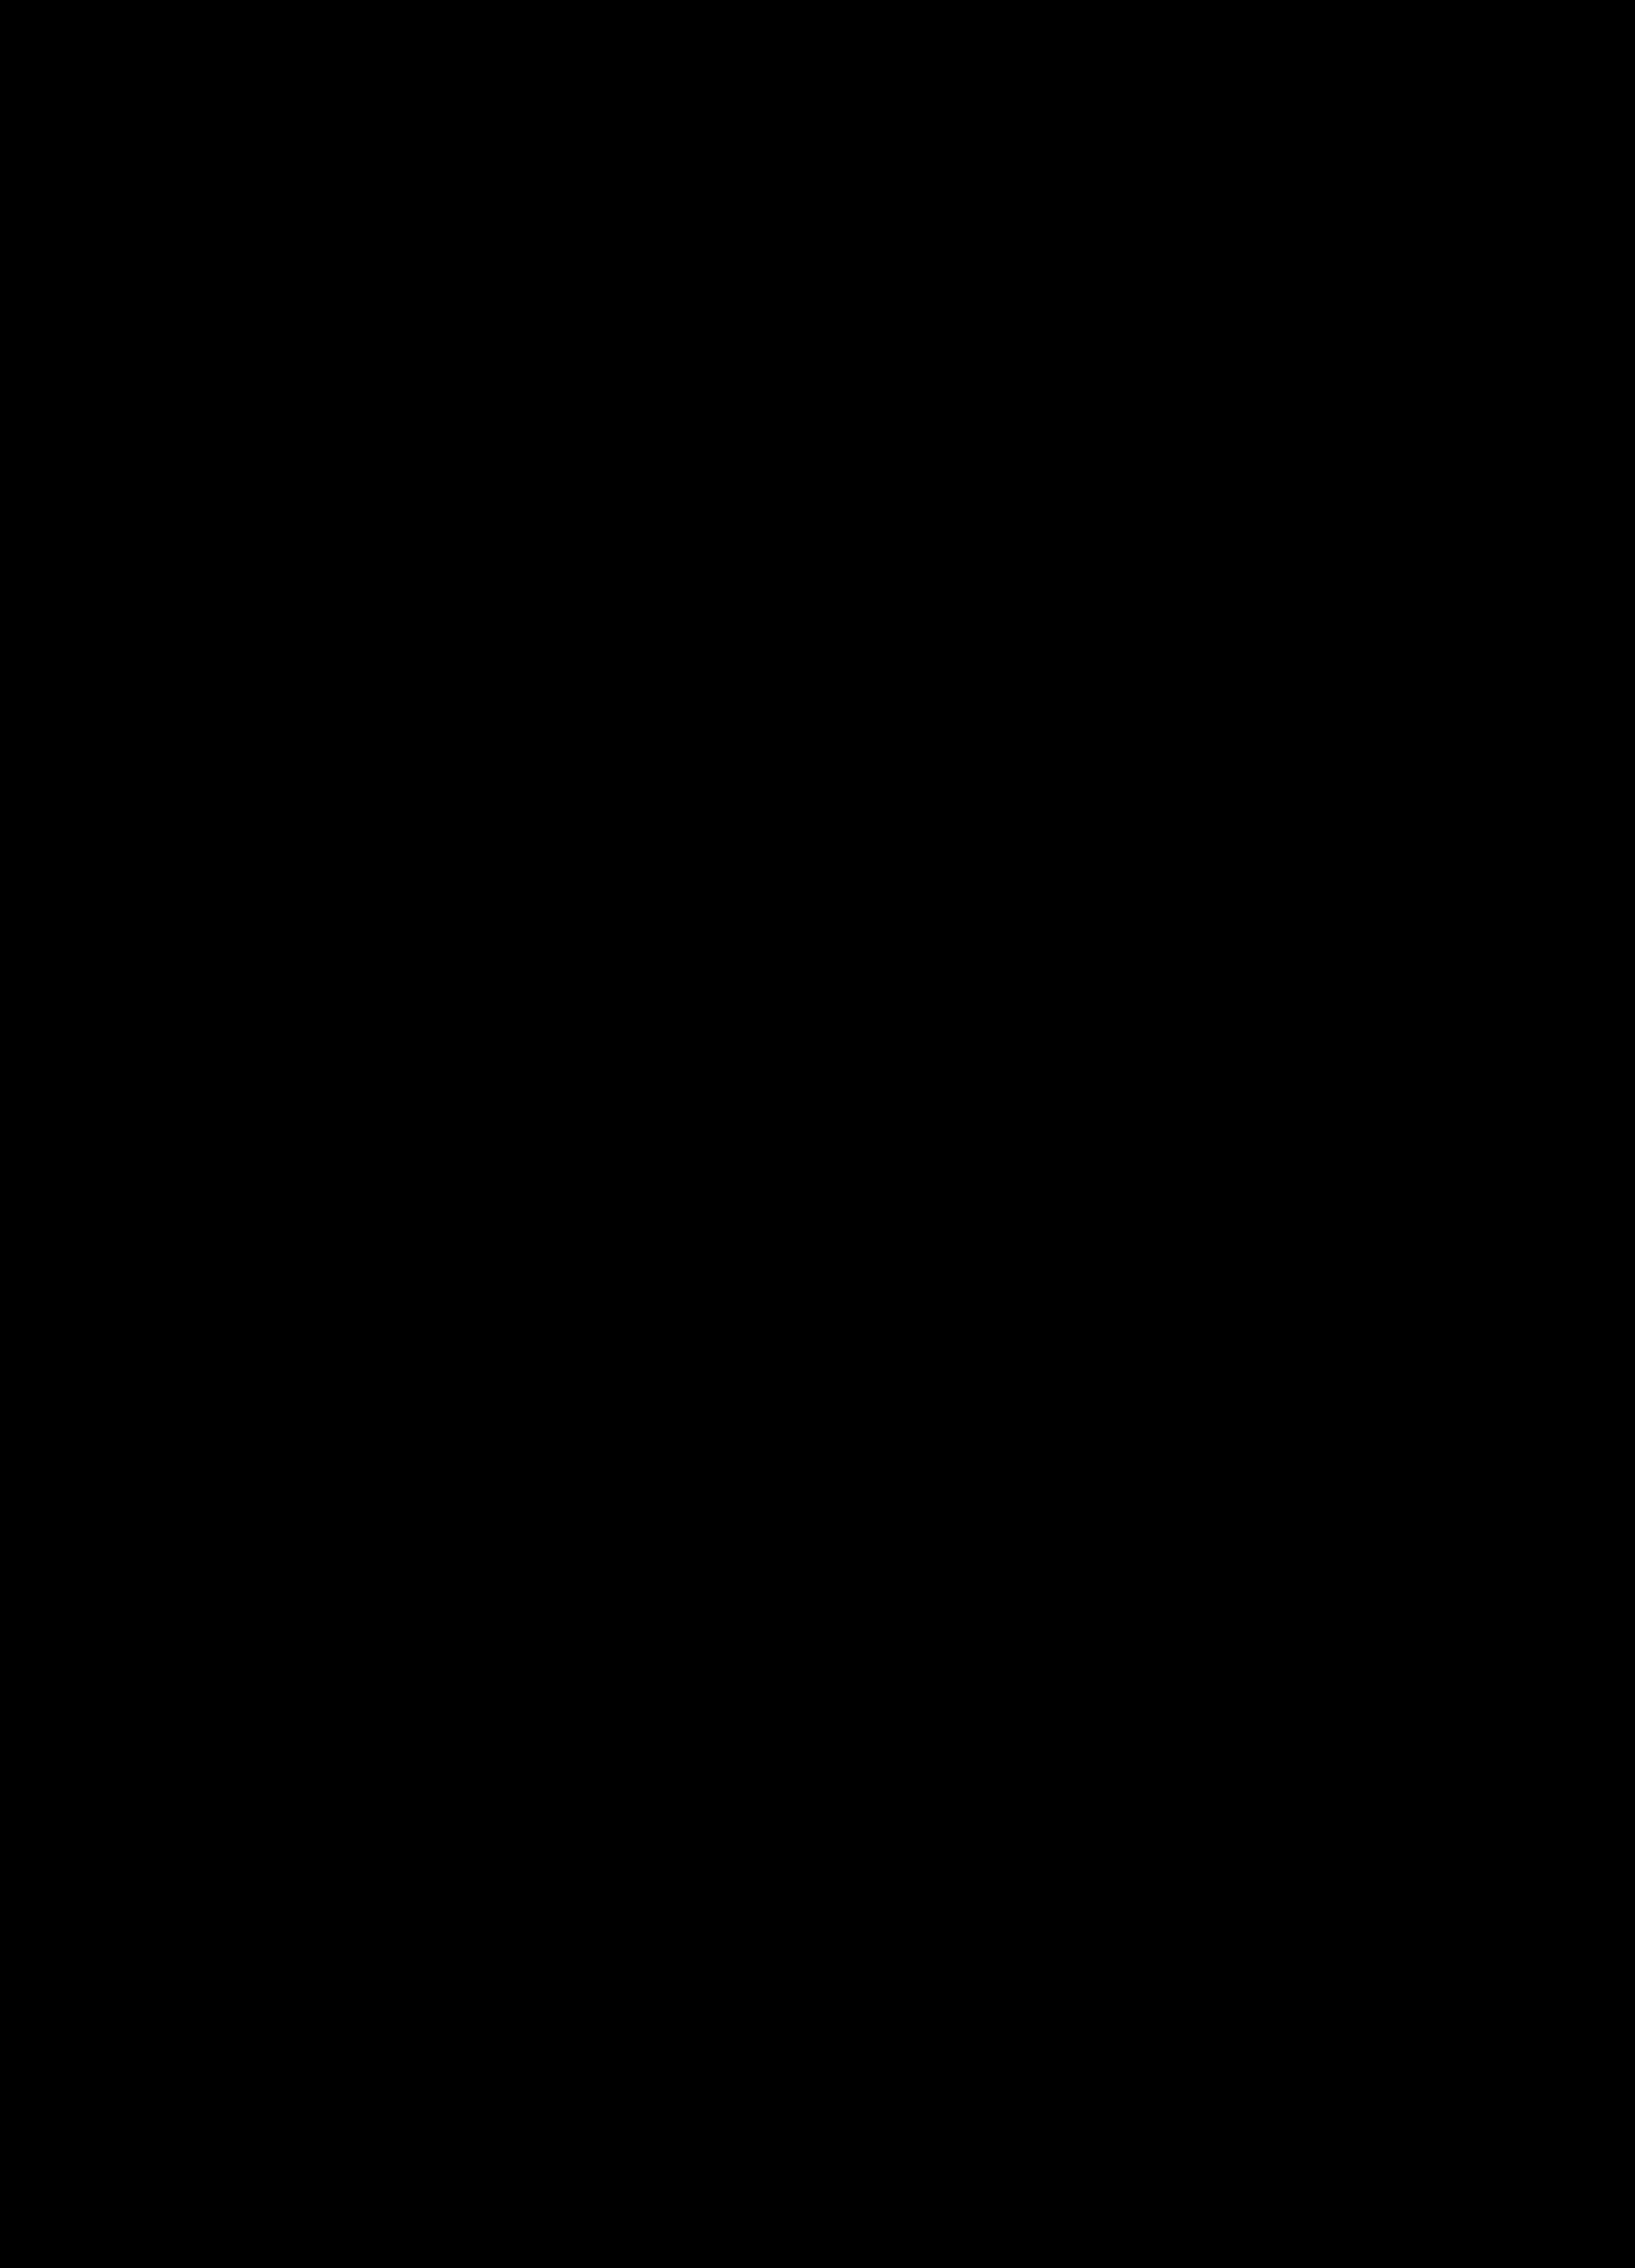 Osteraktion am 24.  und 26 März im Reutter Einkaufszentrum